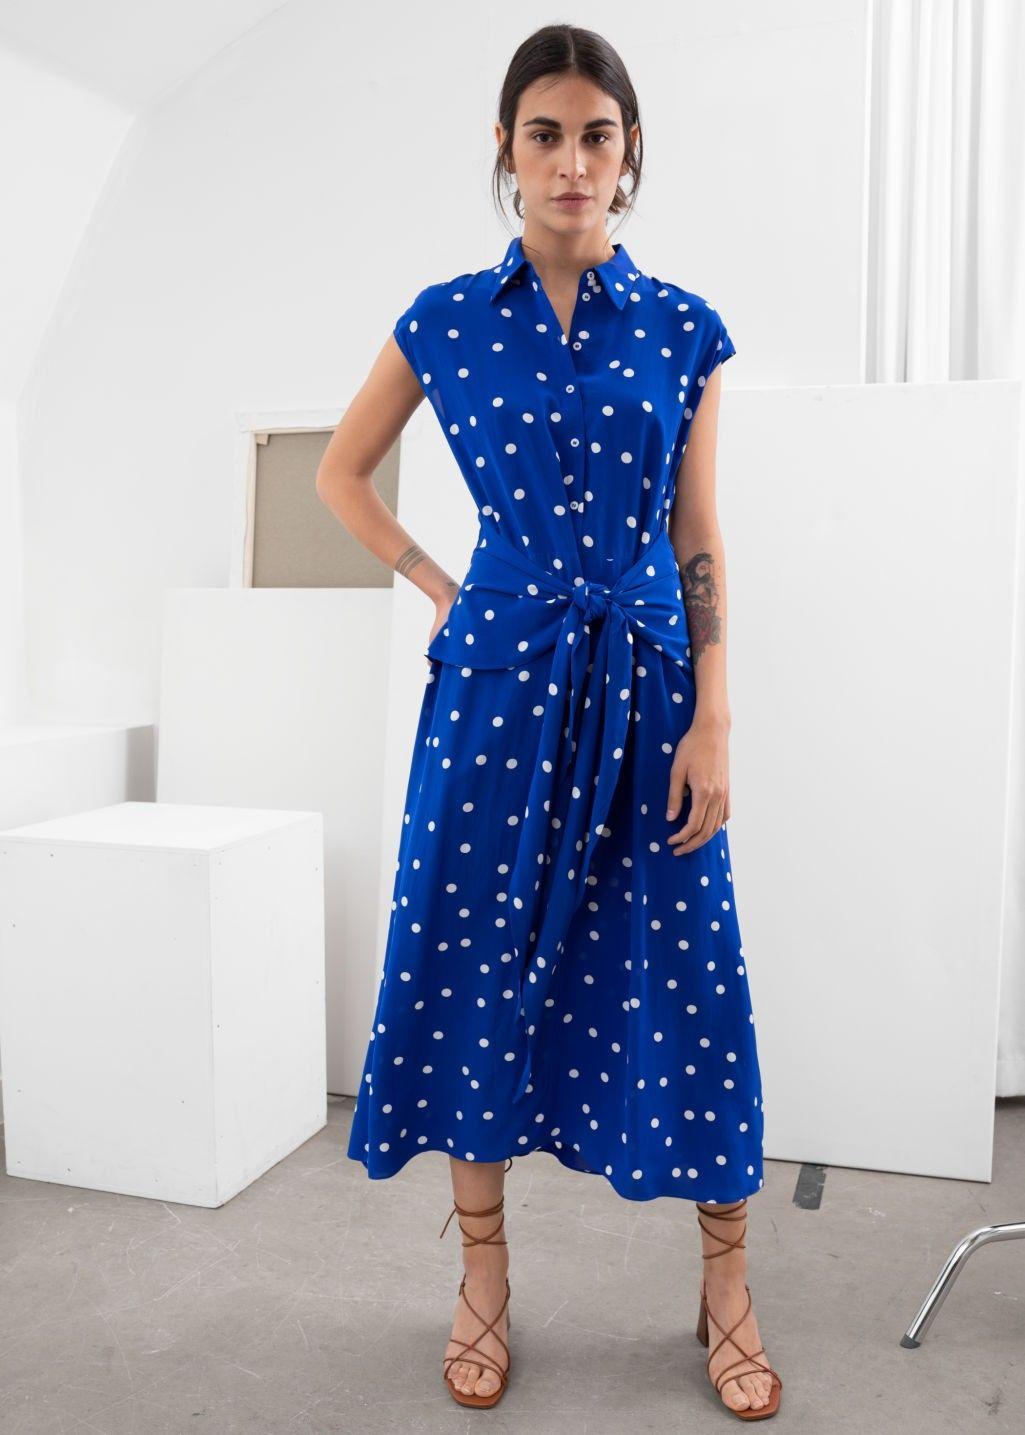 der polka dots trend: outfit-ideen und styling-tipps für den